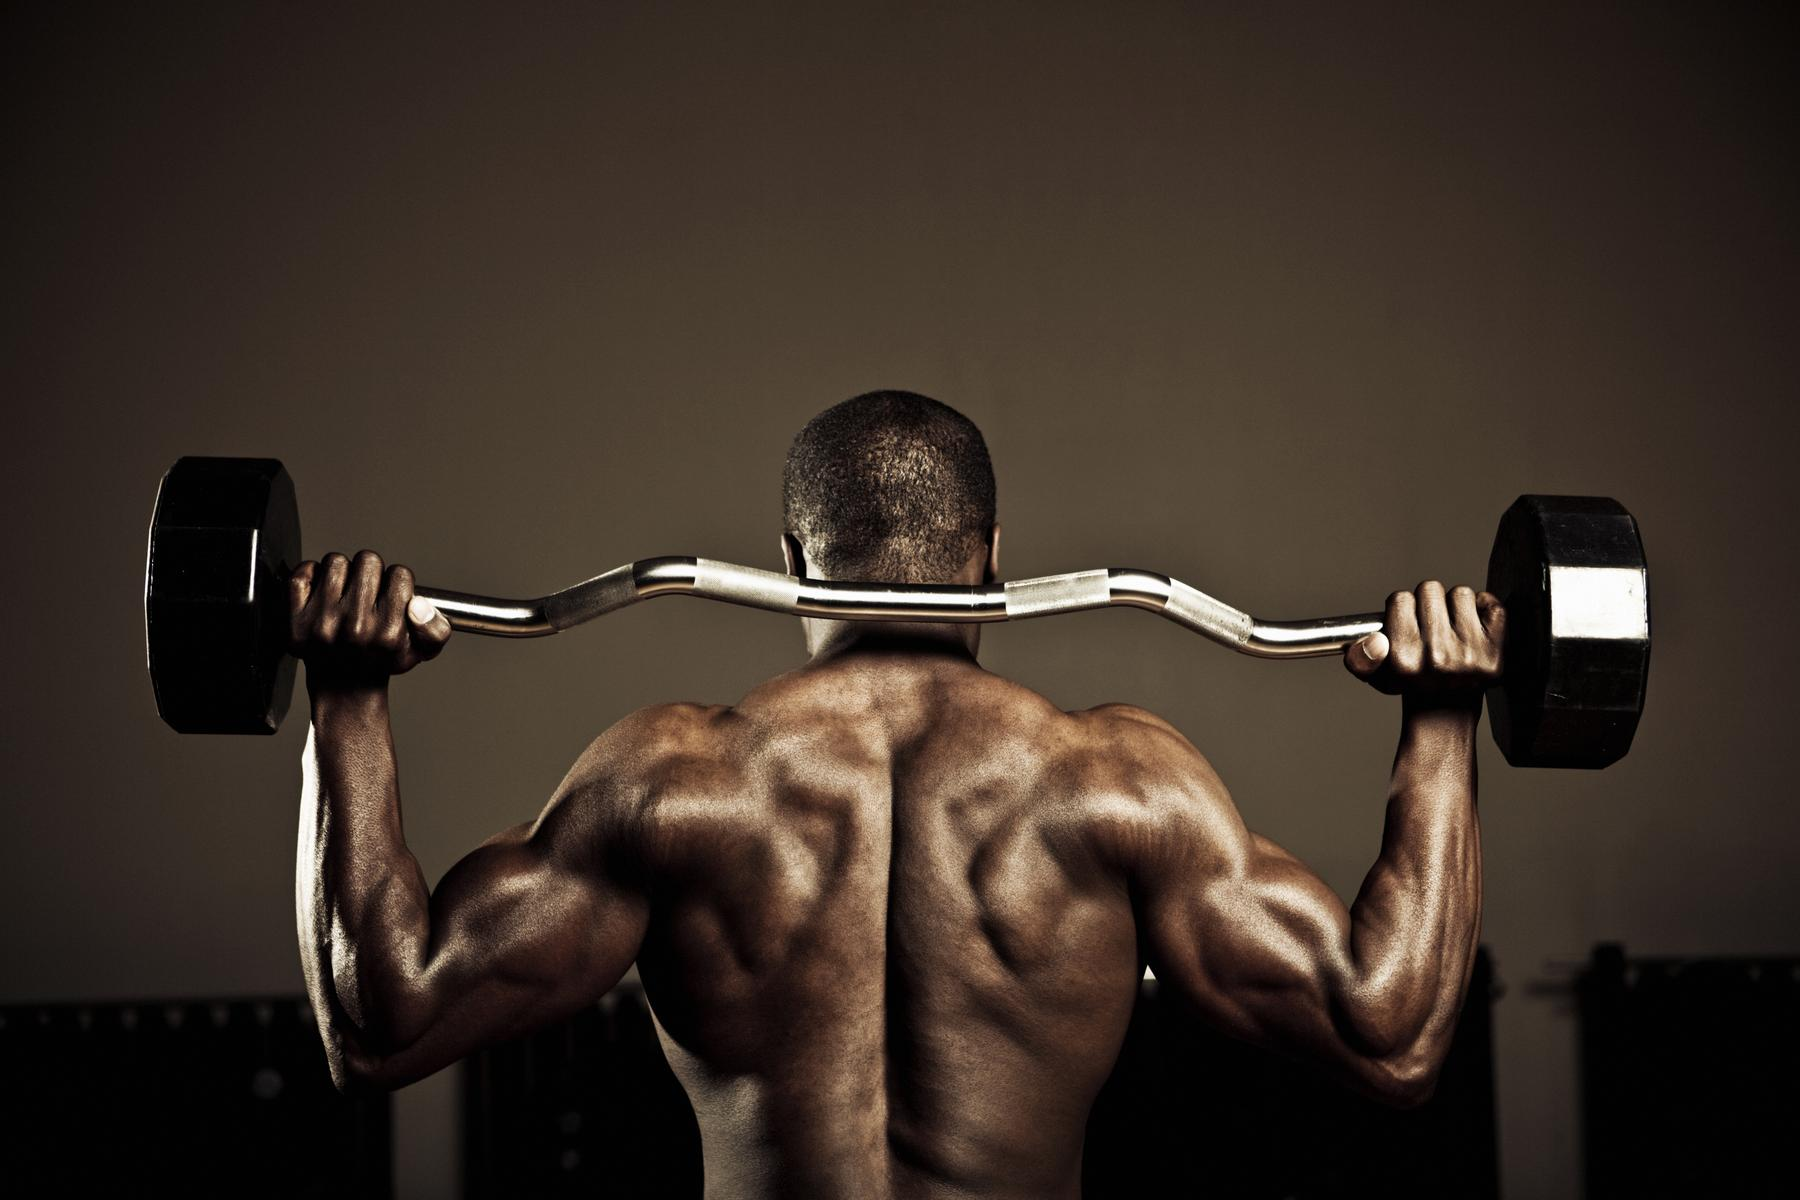 Entrenar en casa | 18 ejercicios de espalda con peso corporal